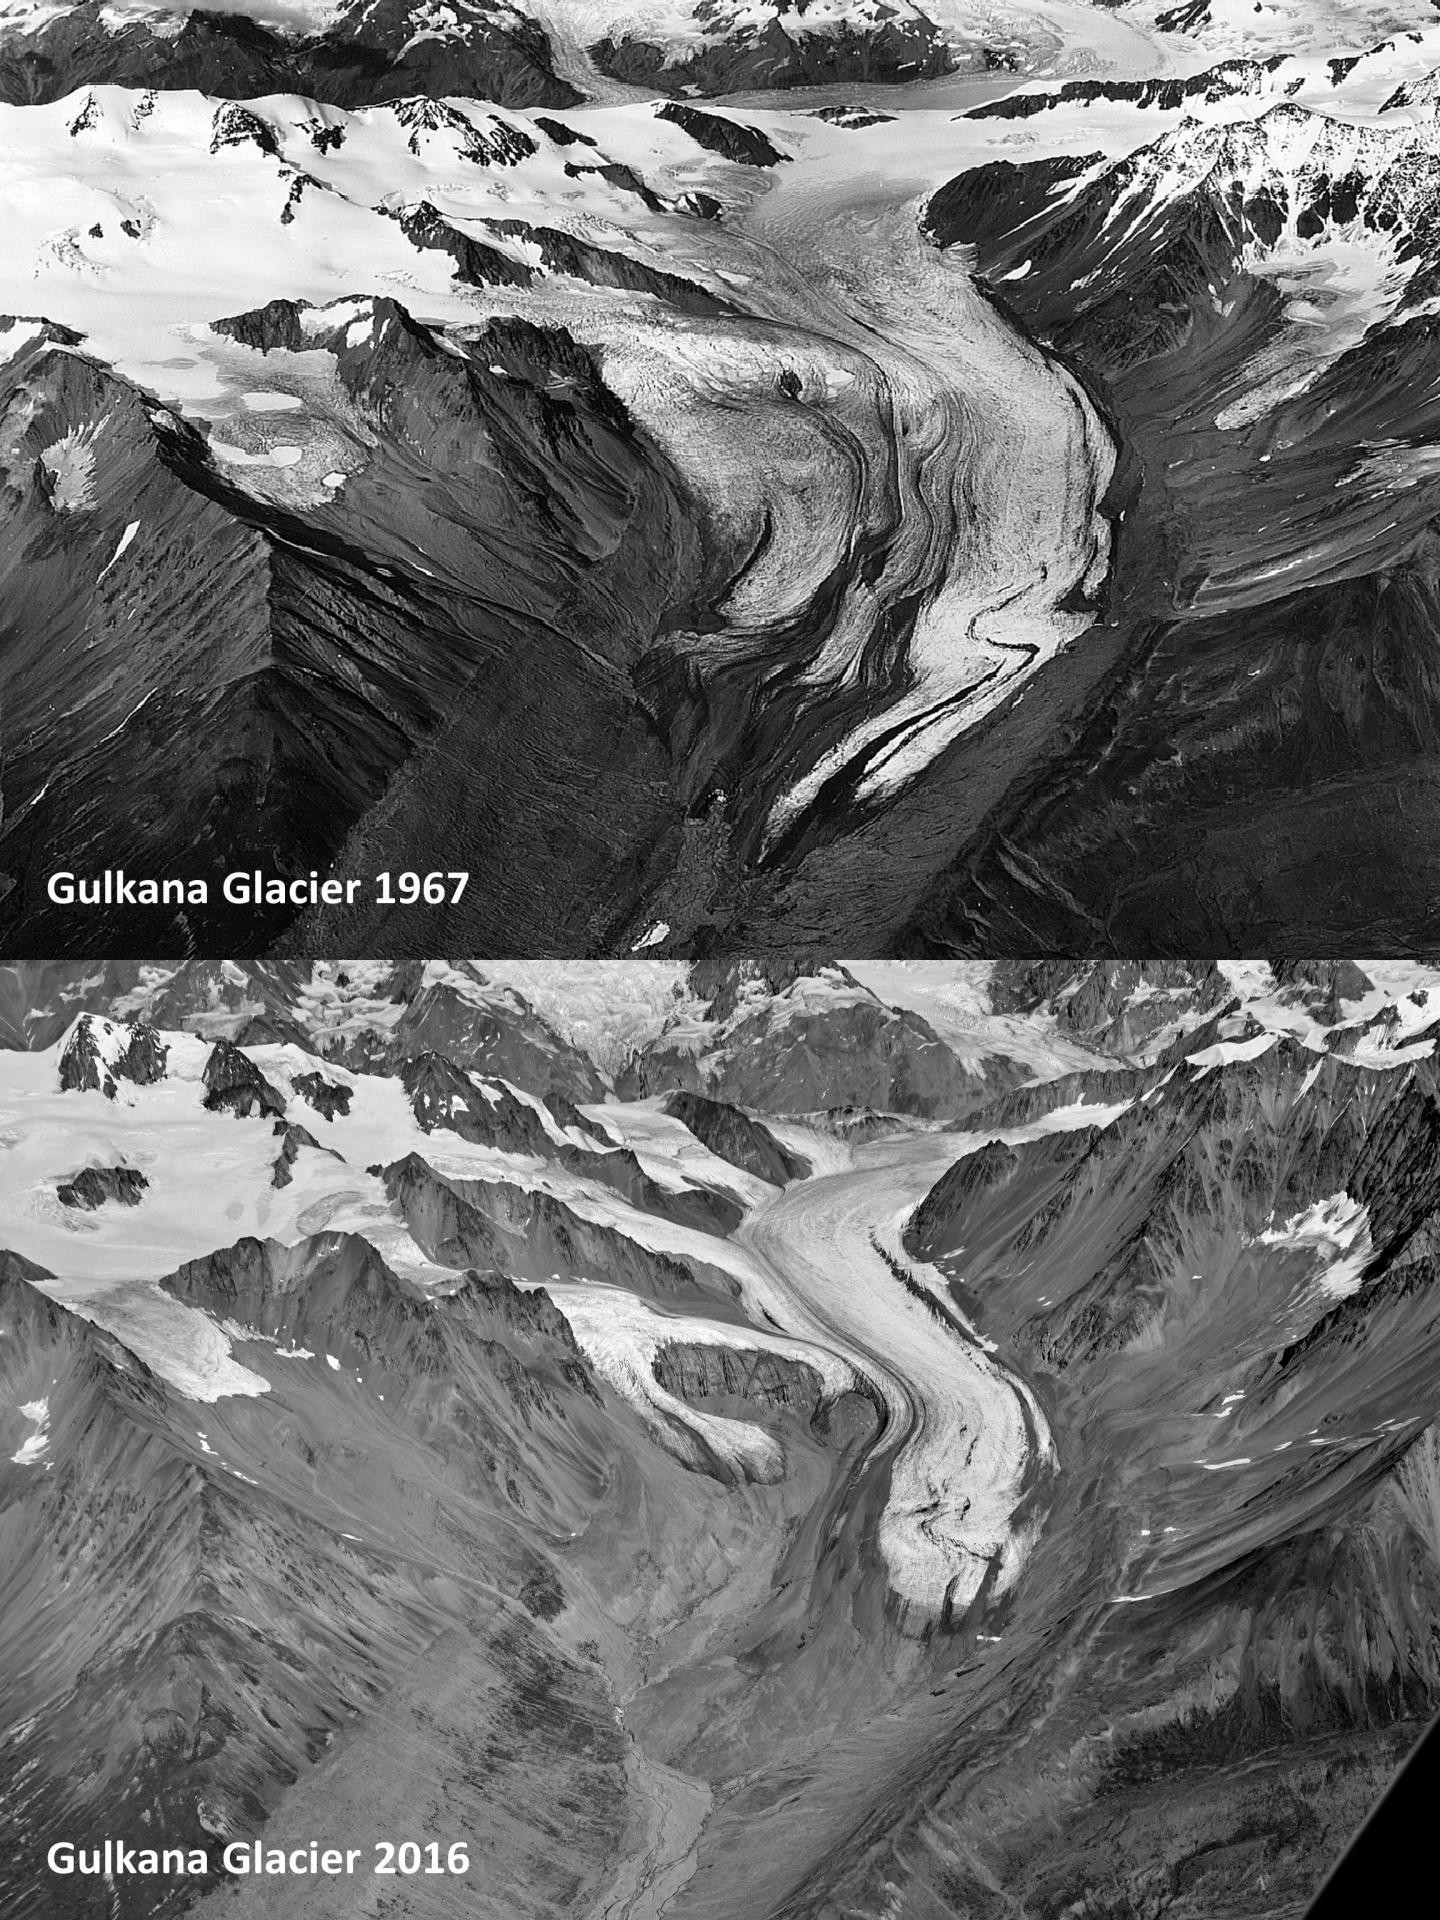 Gulkana Glacier 50 Years Ago and Today